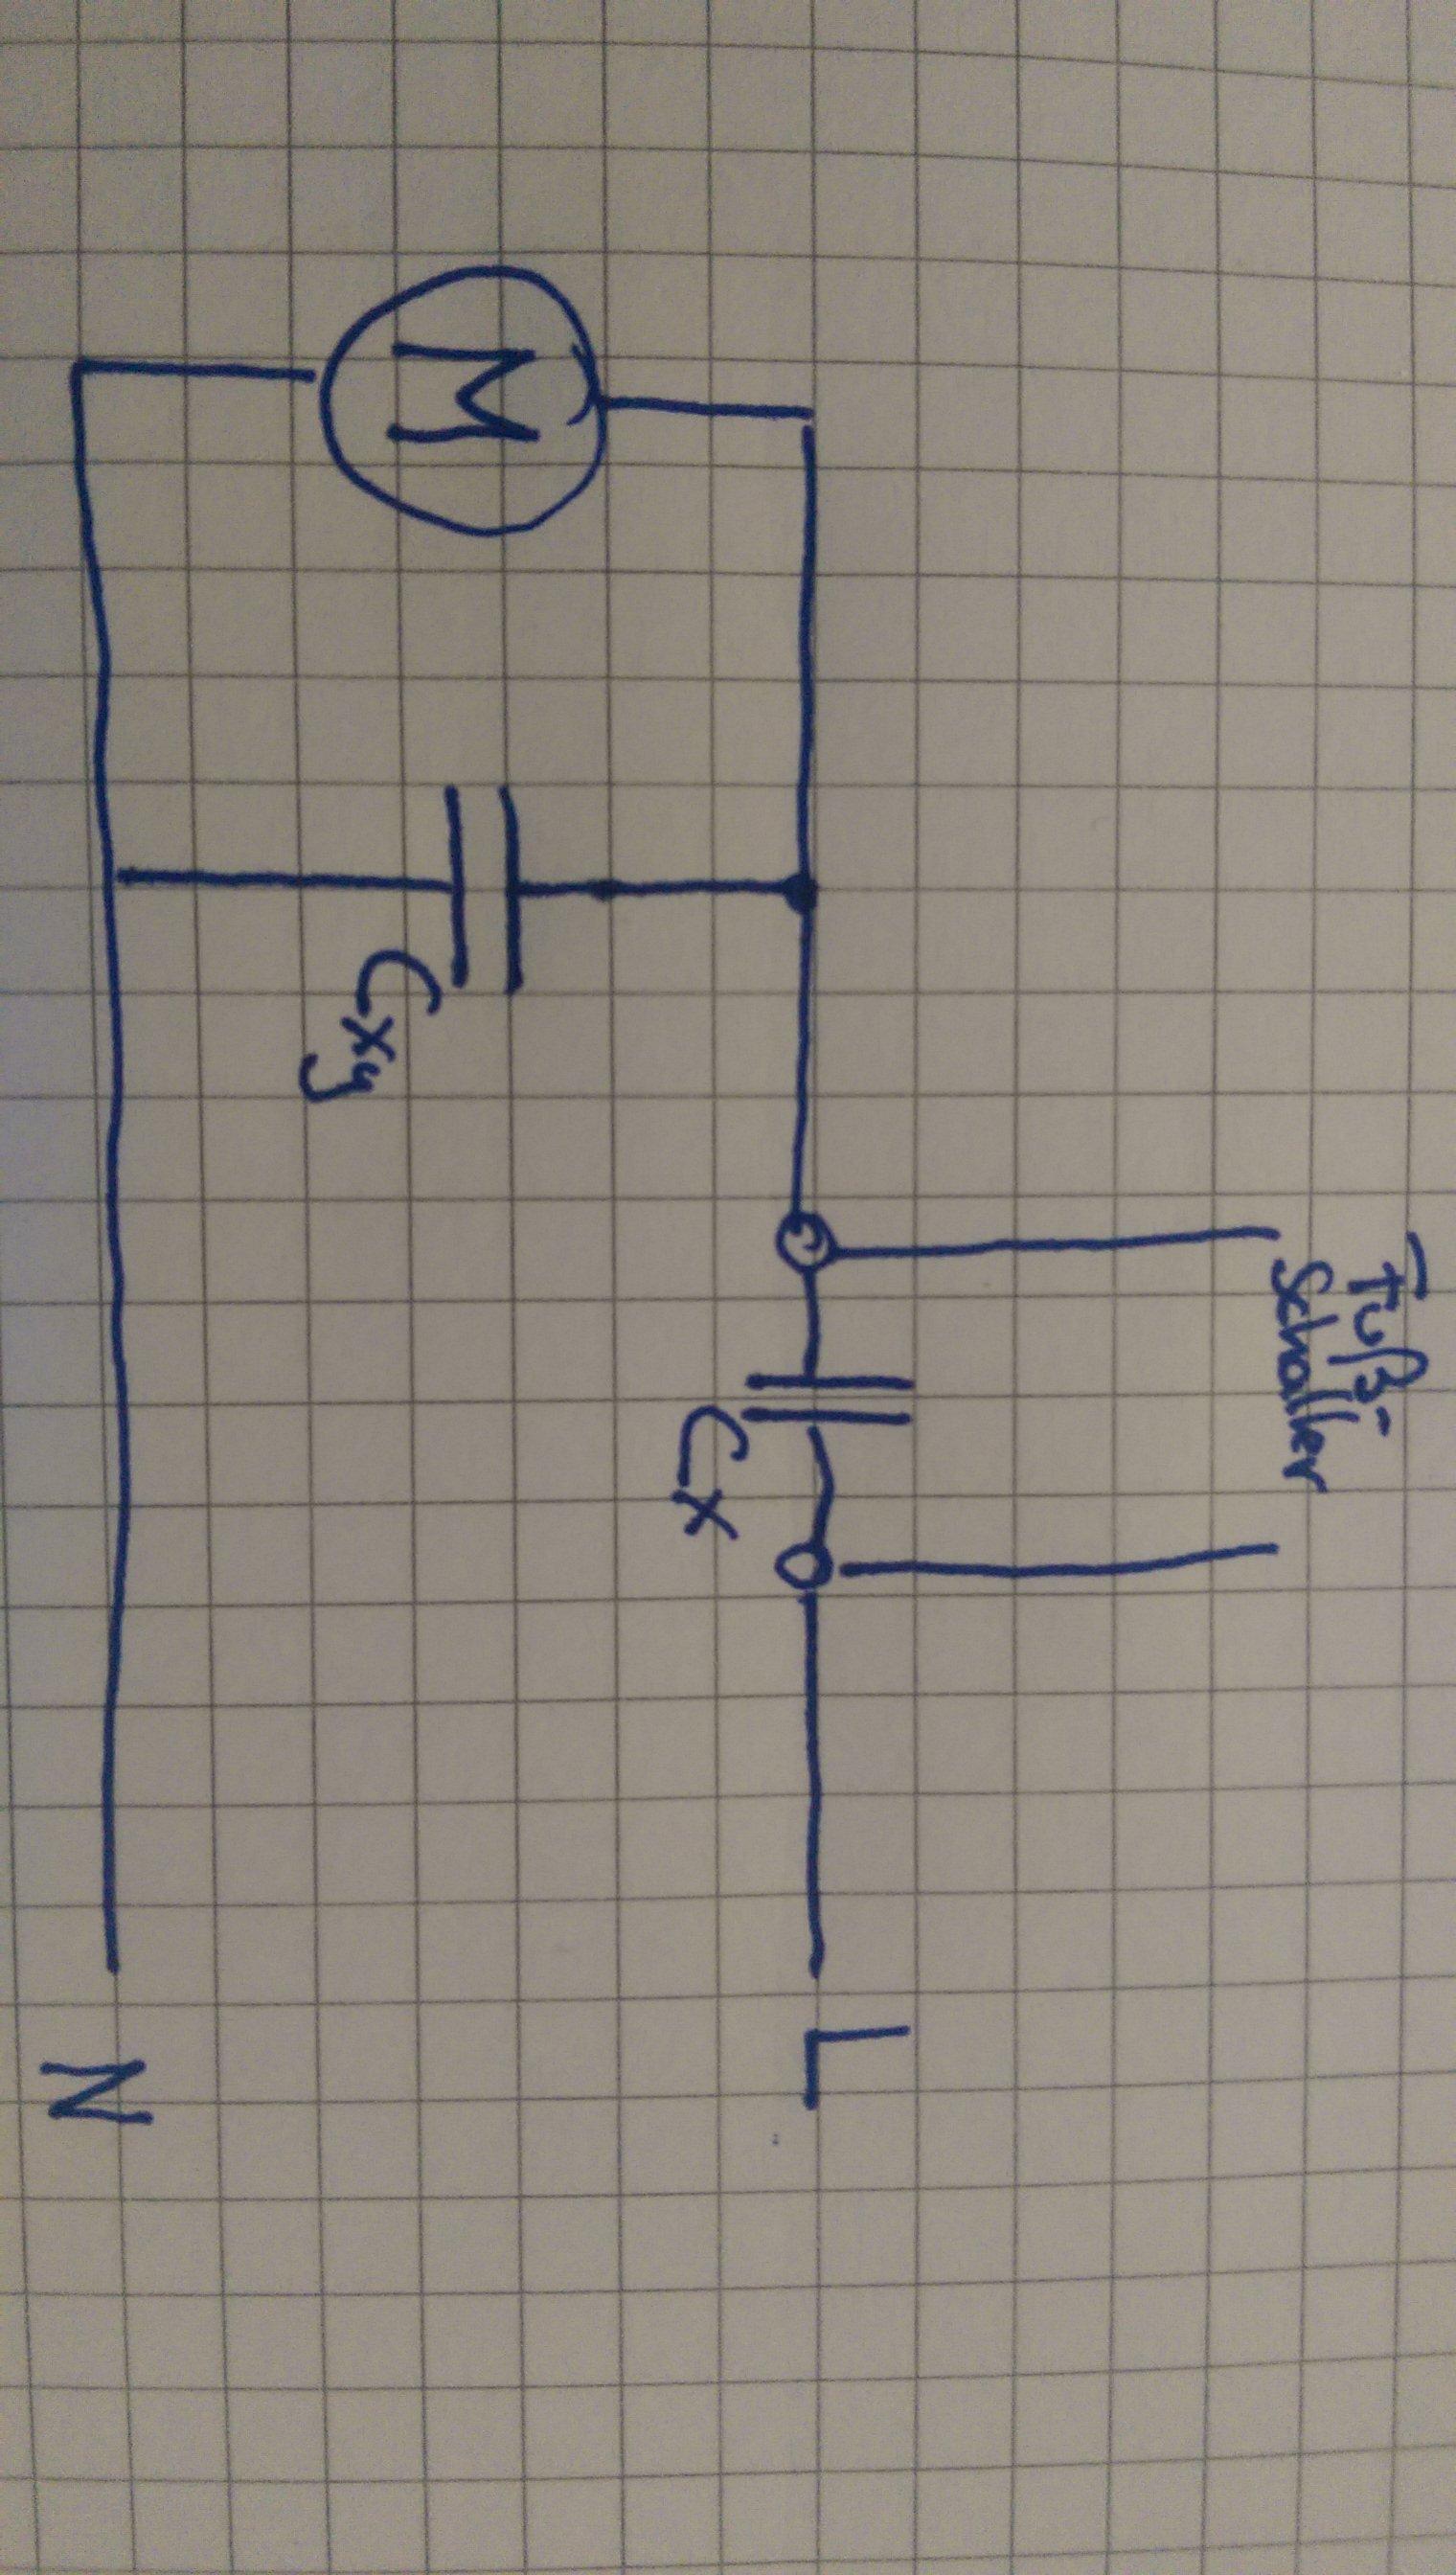 Wunderbar Schaltplan Für Kondensatorstartkondensator Ideen - Der ...